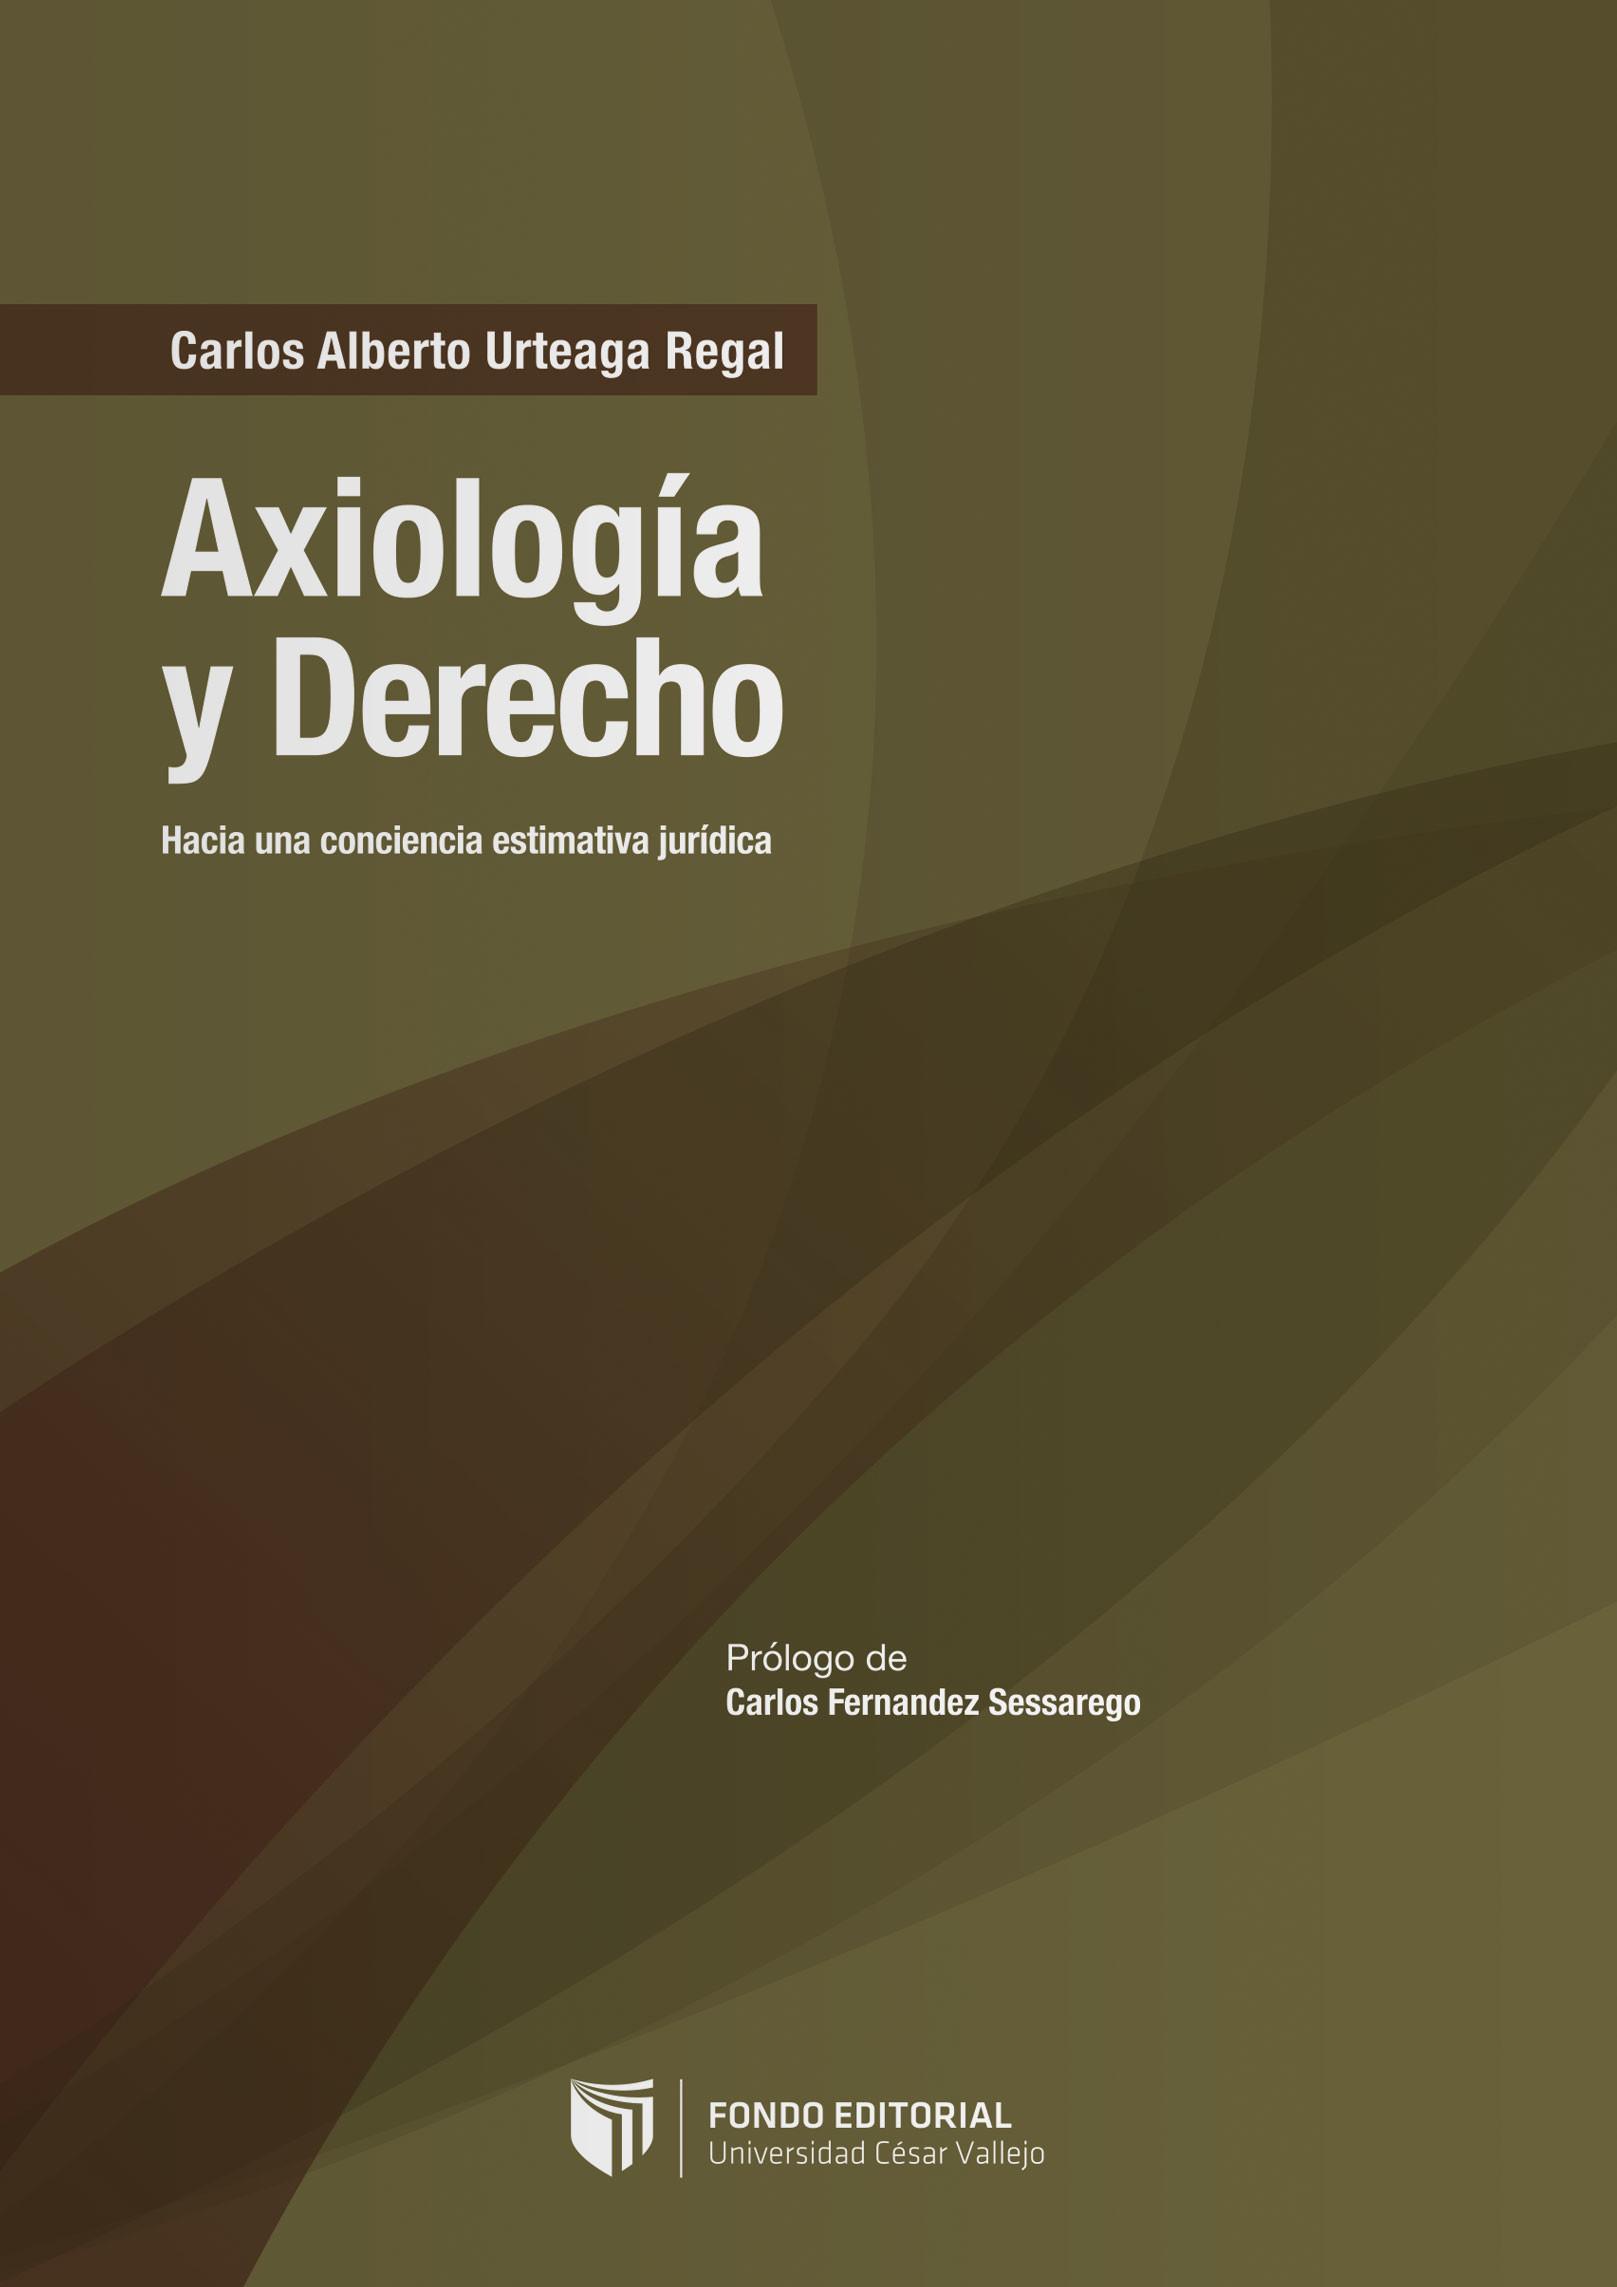 Axiología y derecho